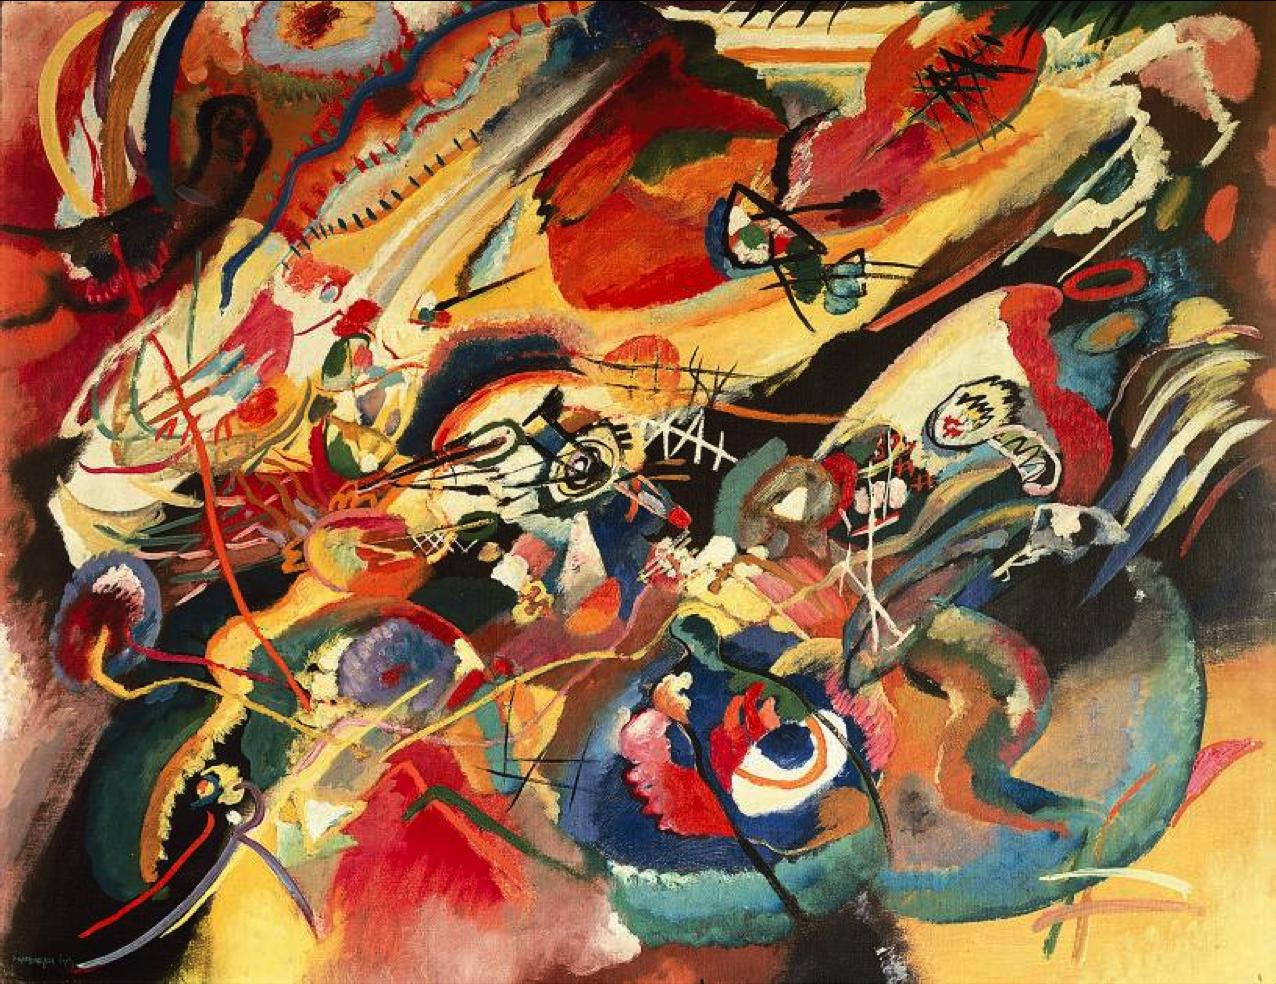 Schets I voor Compositie VII ~ 1913 ~ Olieverf op doek ~ 78 x 100 cm. ~ Verzameling Felix Klee, Bern